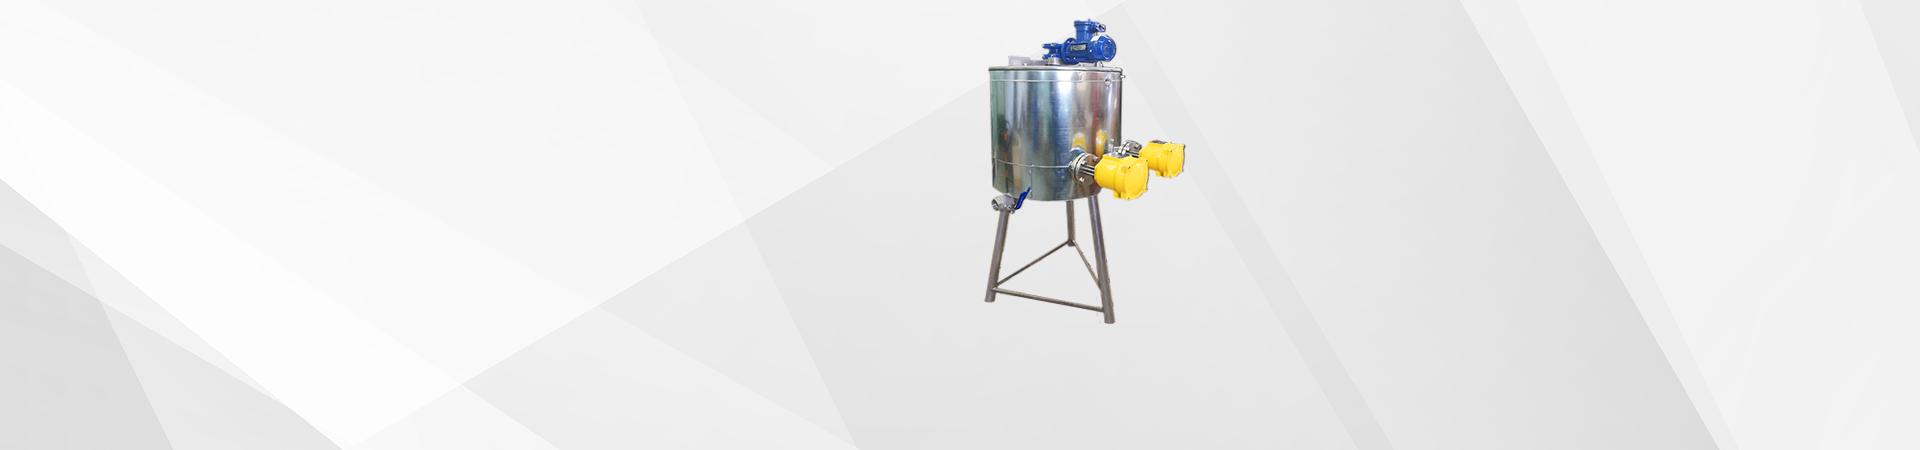 Нестандартное нагревательное оборудование по тз заказчика